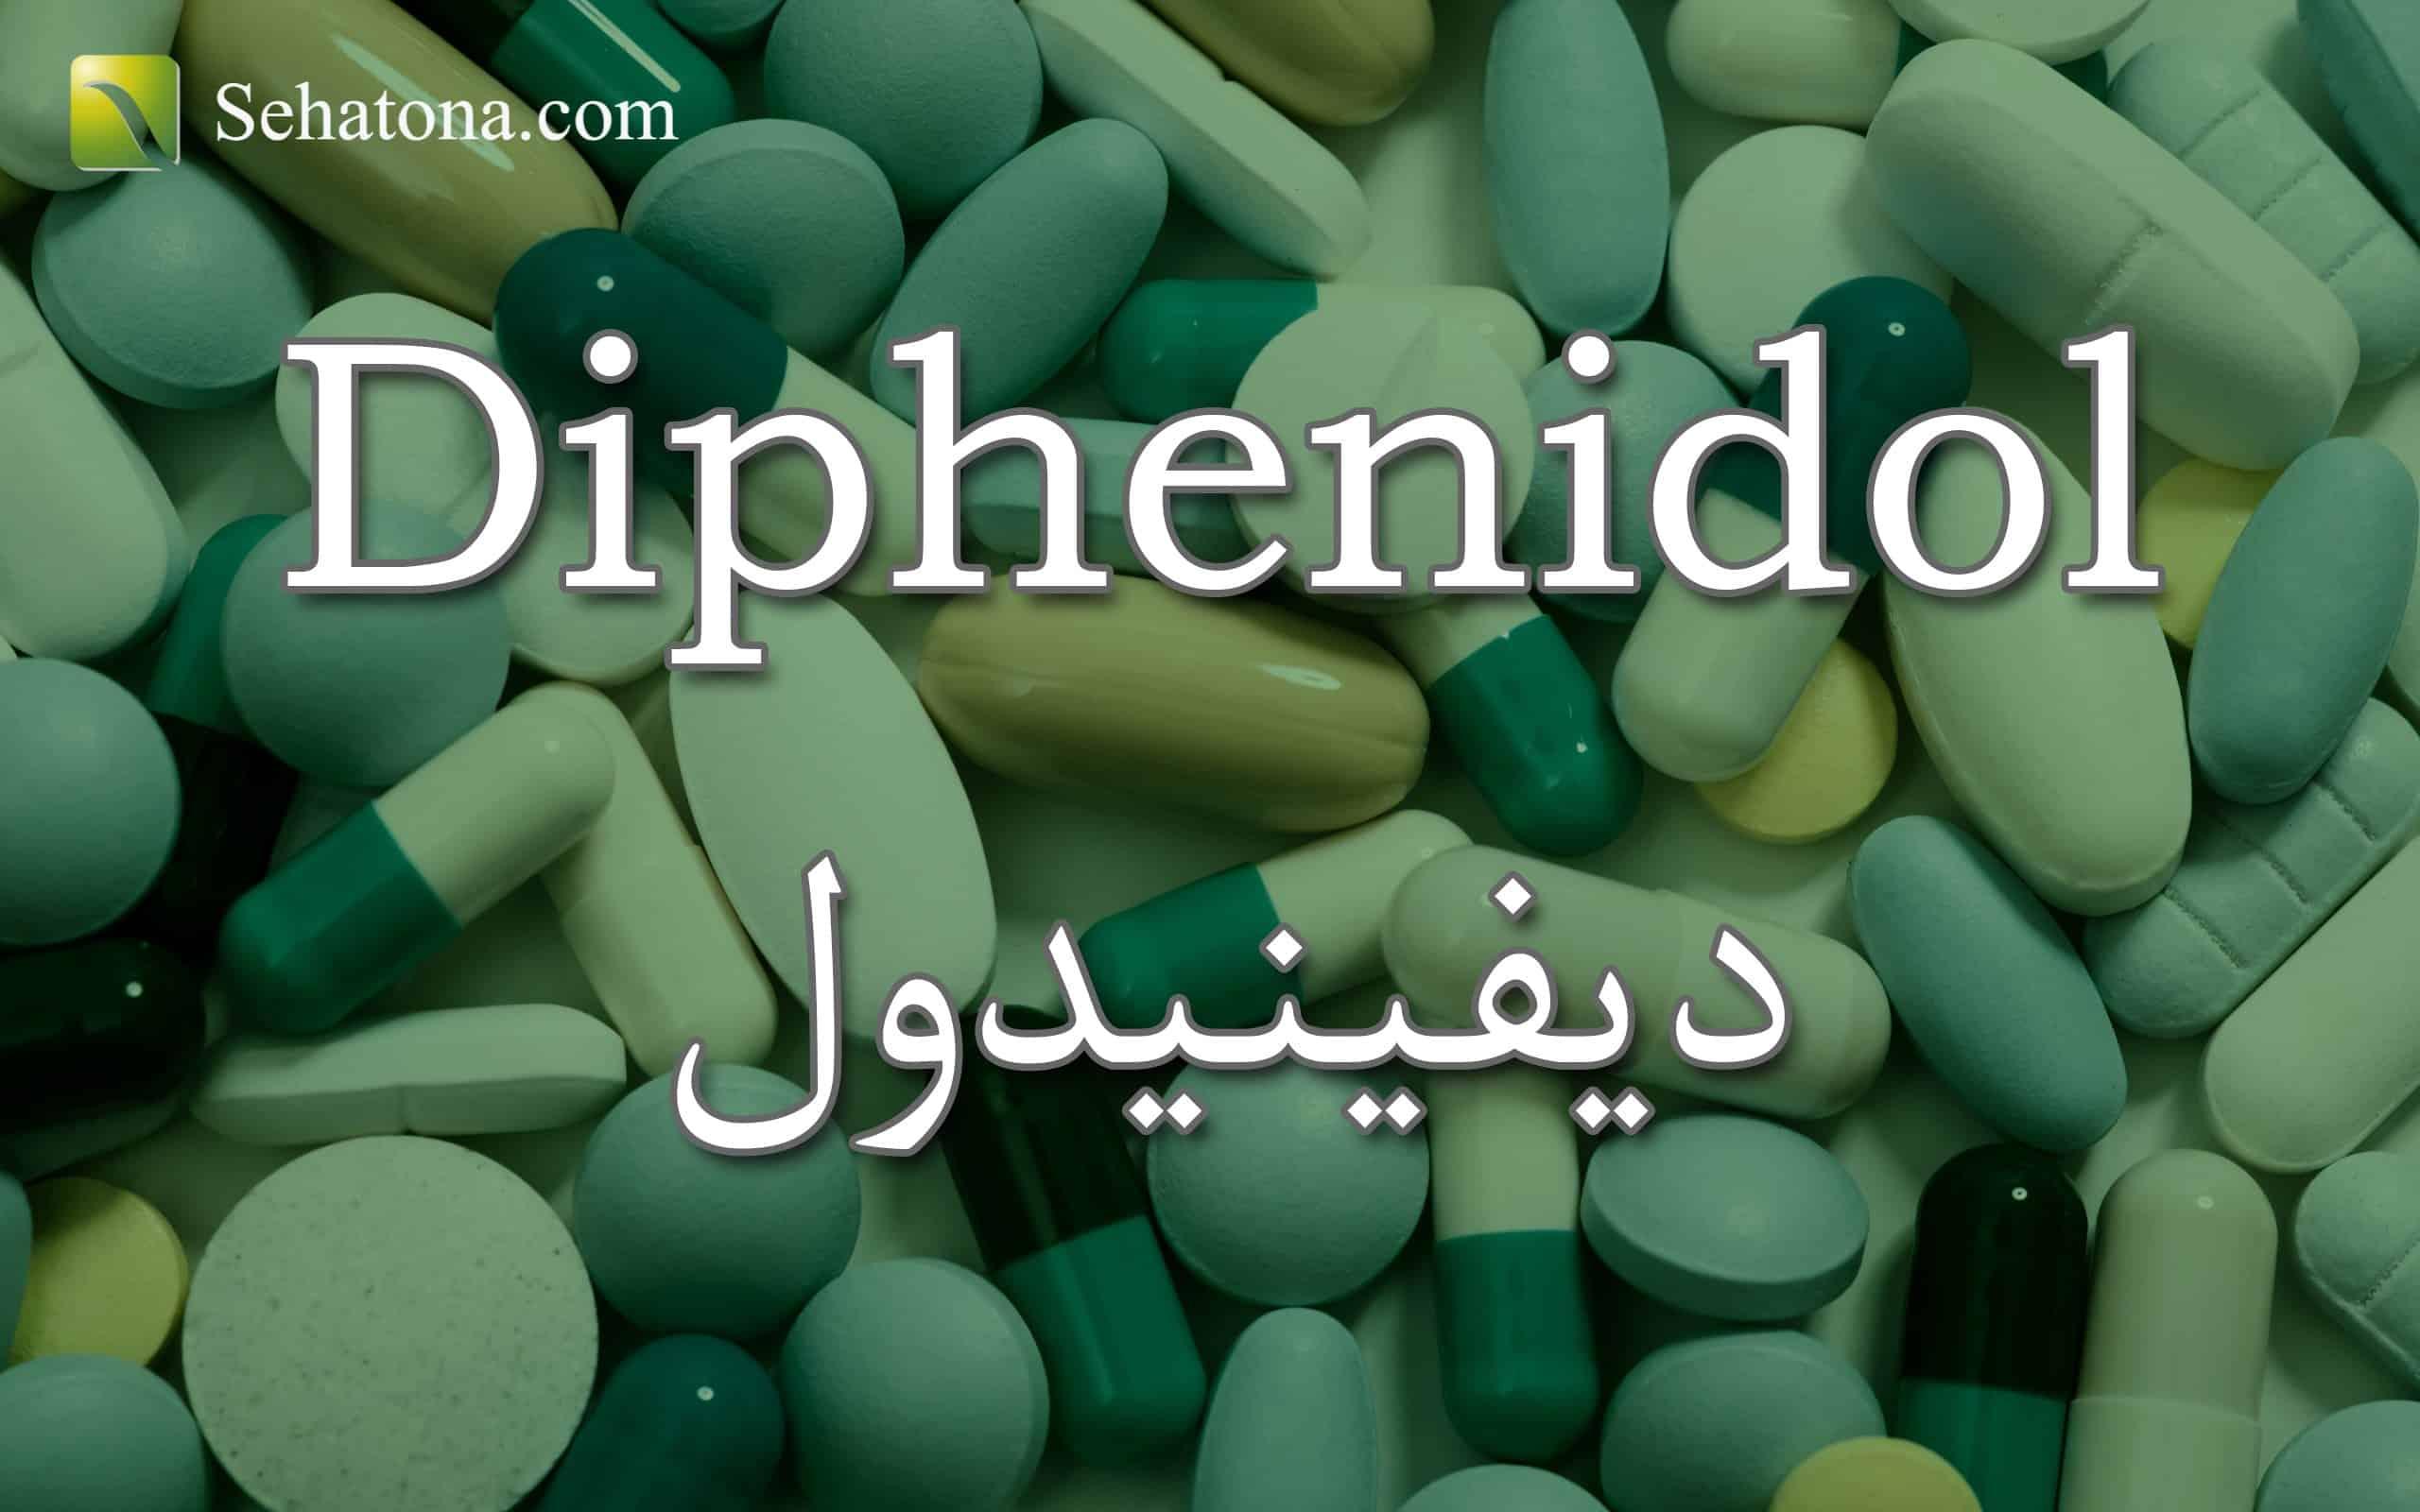 Diphenidol